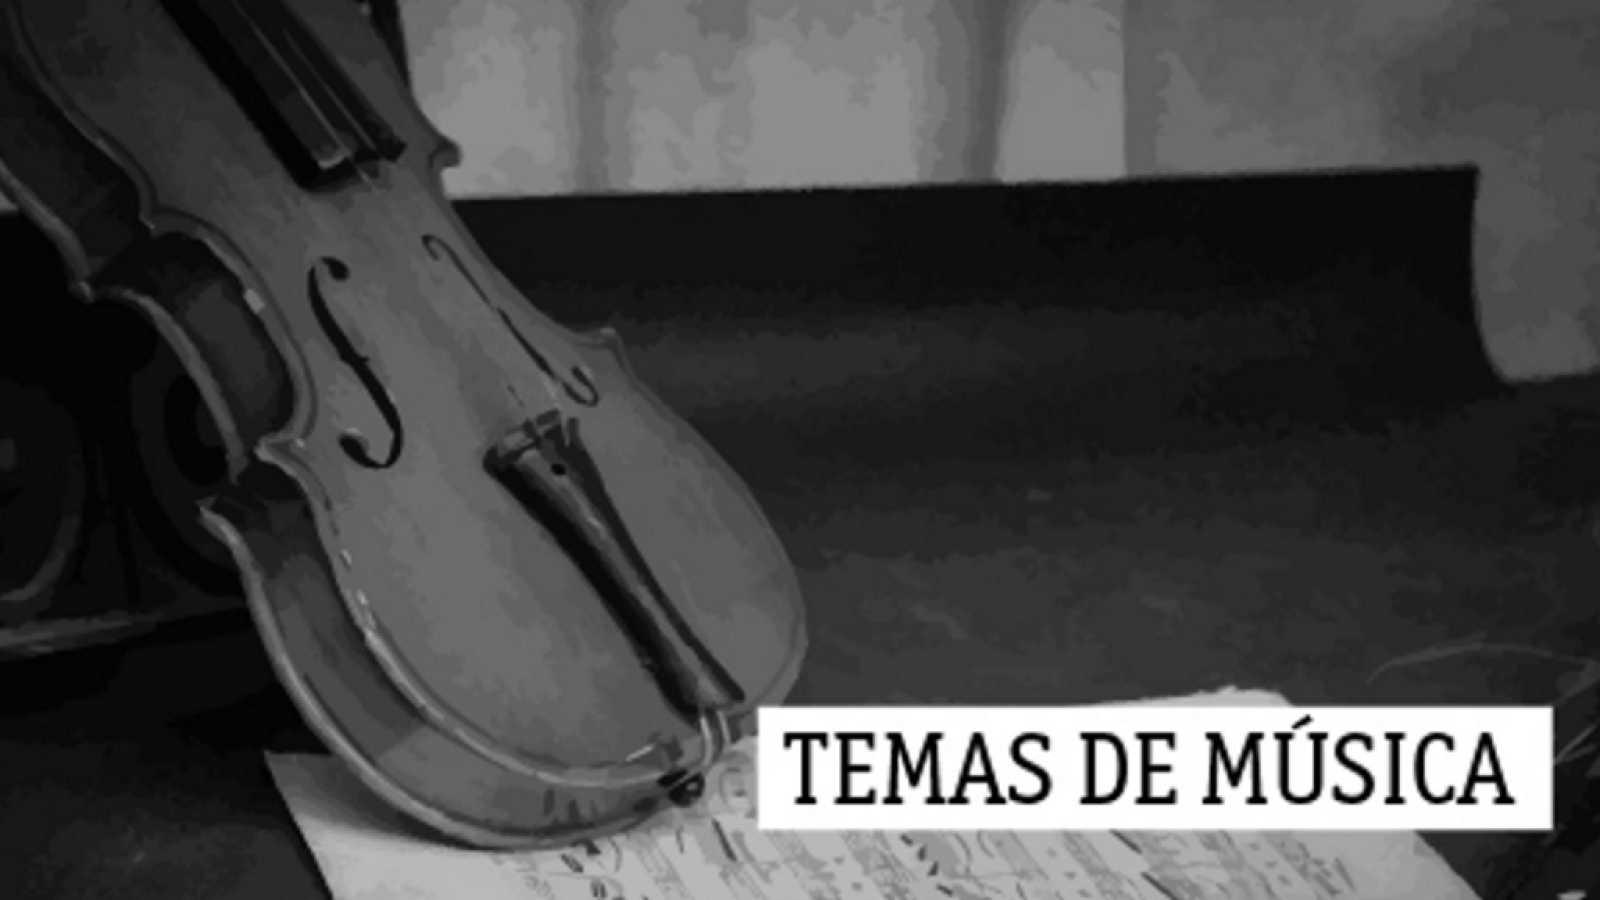 Temas de música - Kurt Weill y su tiempo (lII): La Ópera de los tres peniques - 13/03/21 - escuchar ahora